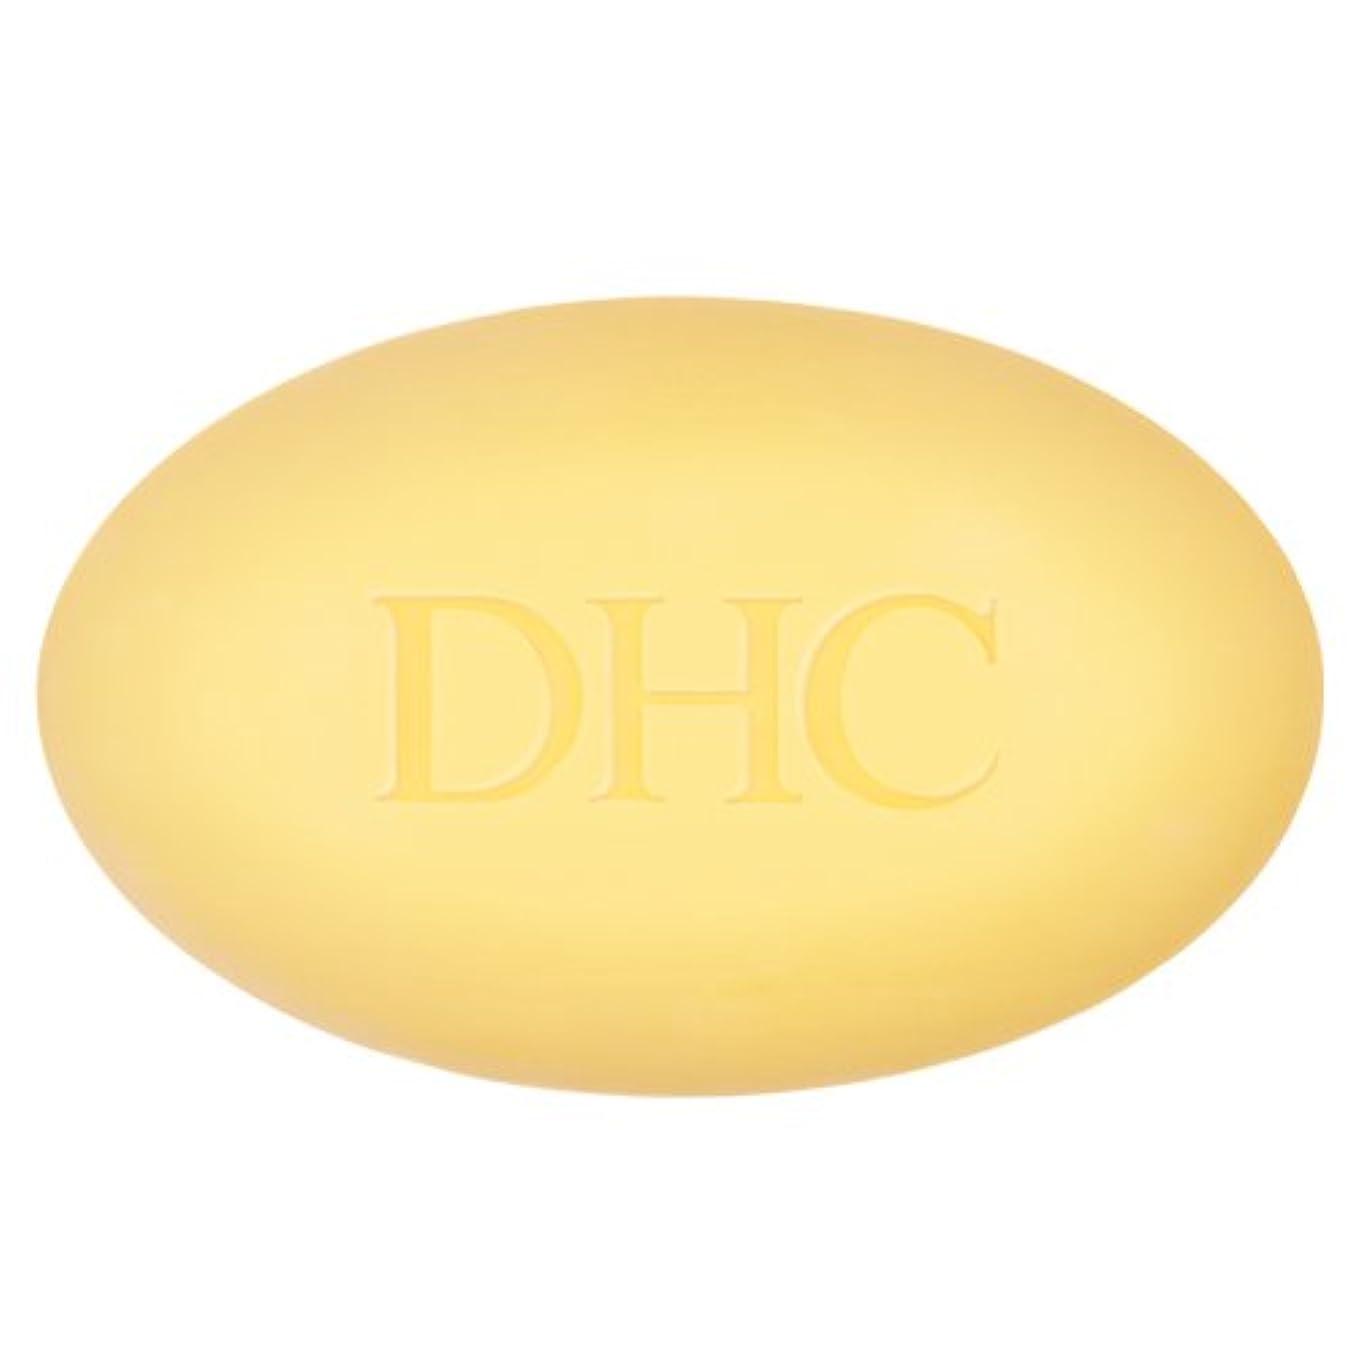 意図的米ドル感謝するDHC Q10ボディソープ